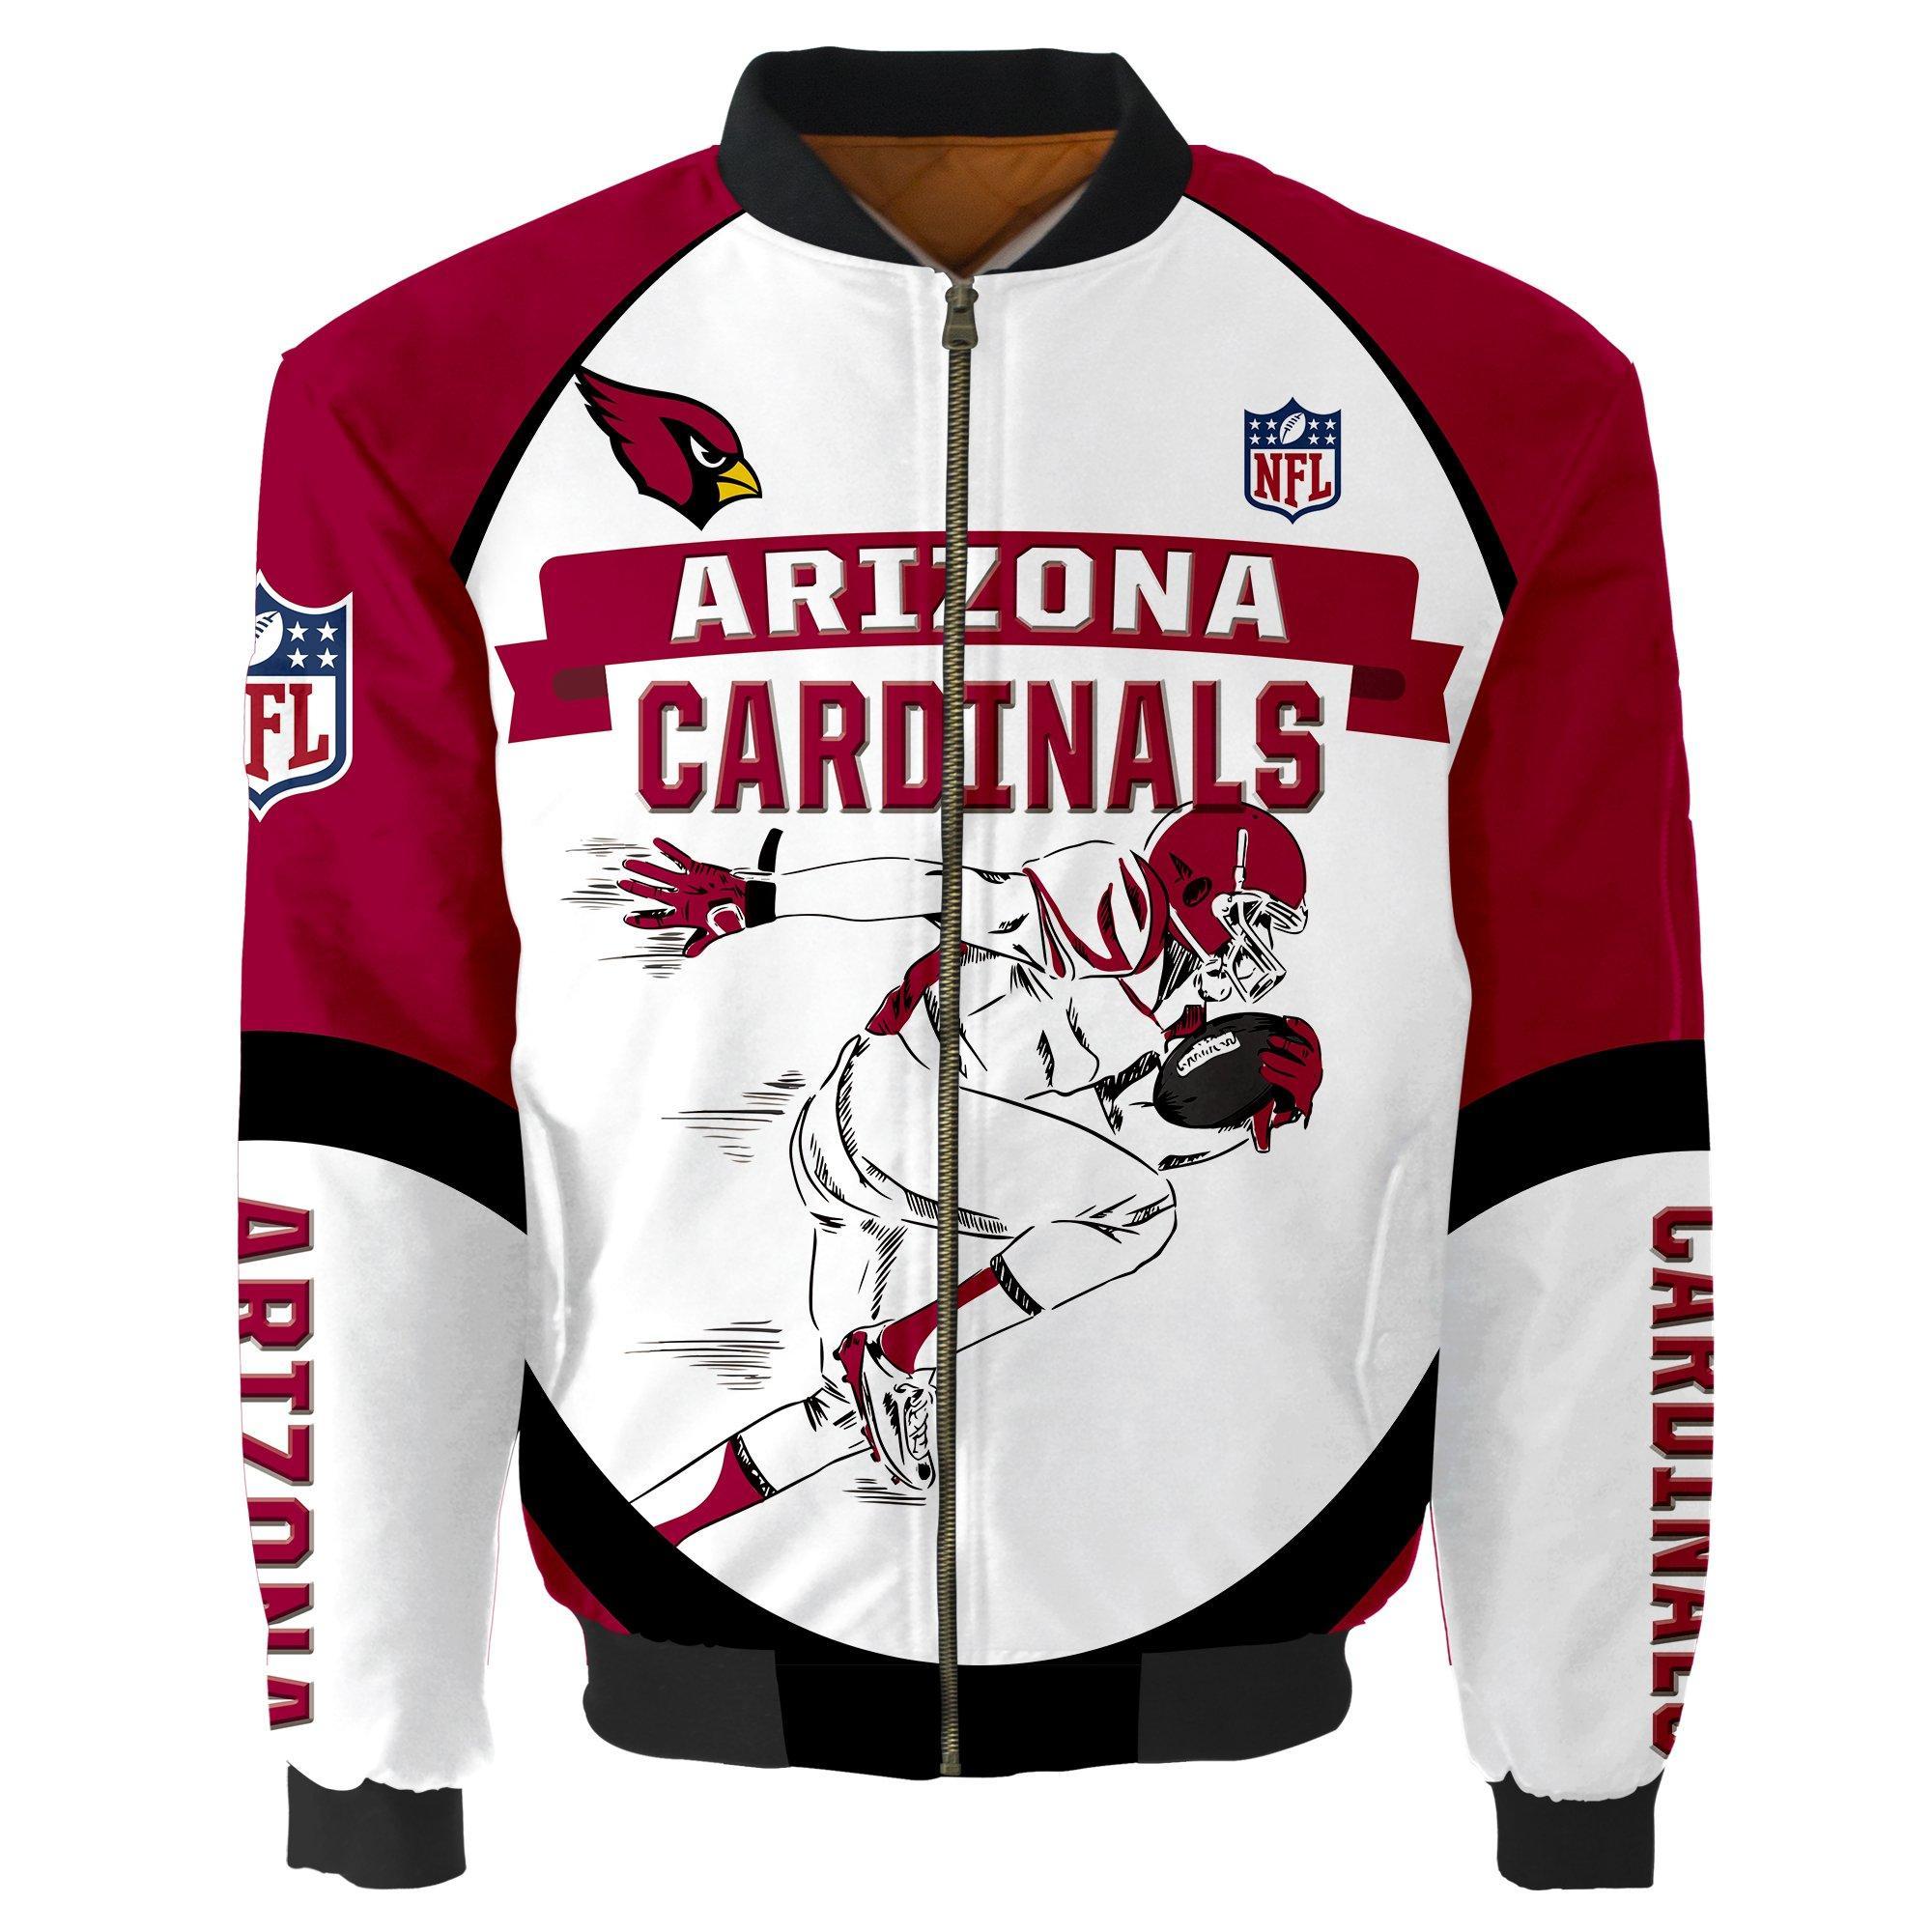 Arizona Cardinals Bomber Jacket Graphic Player Running